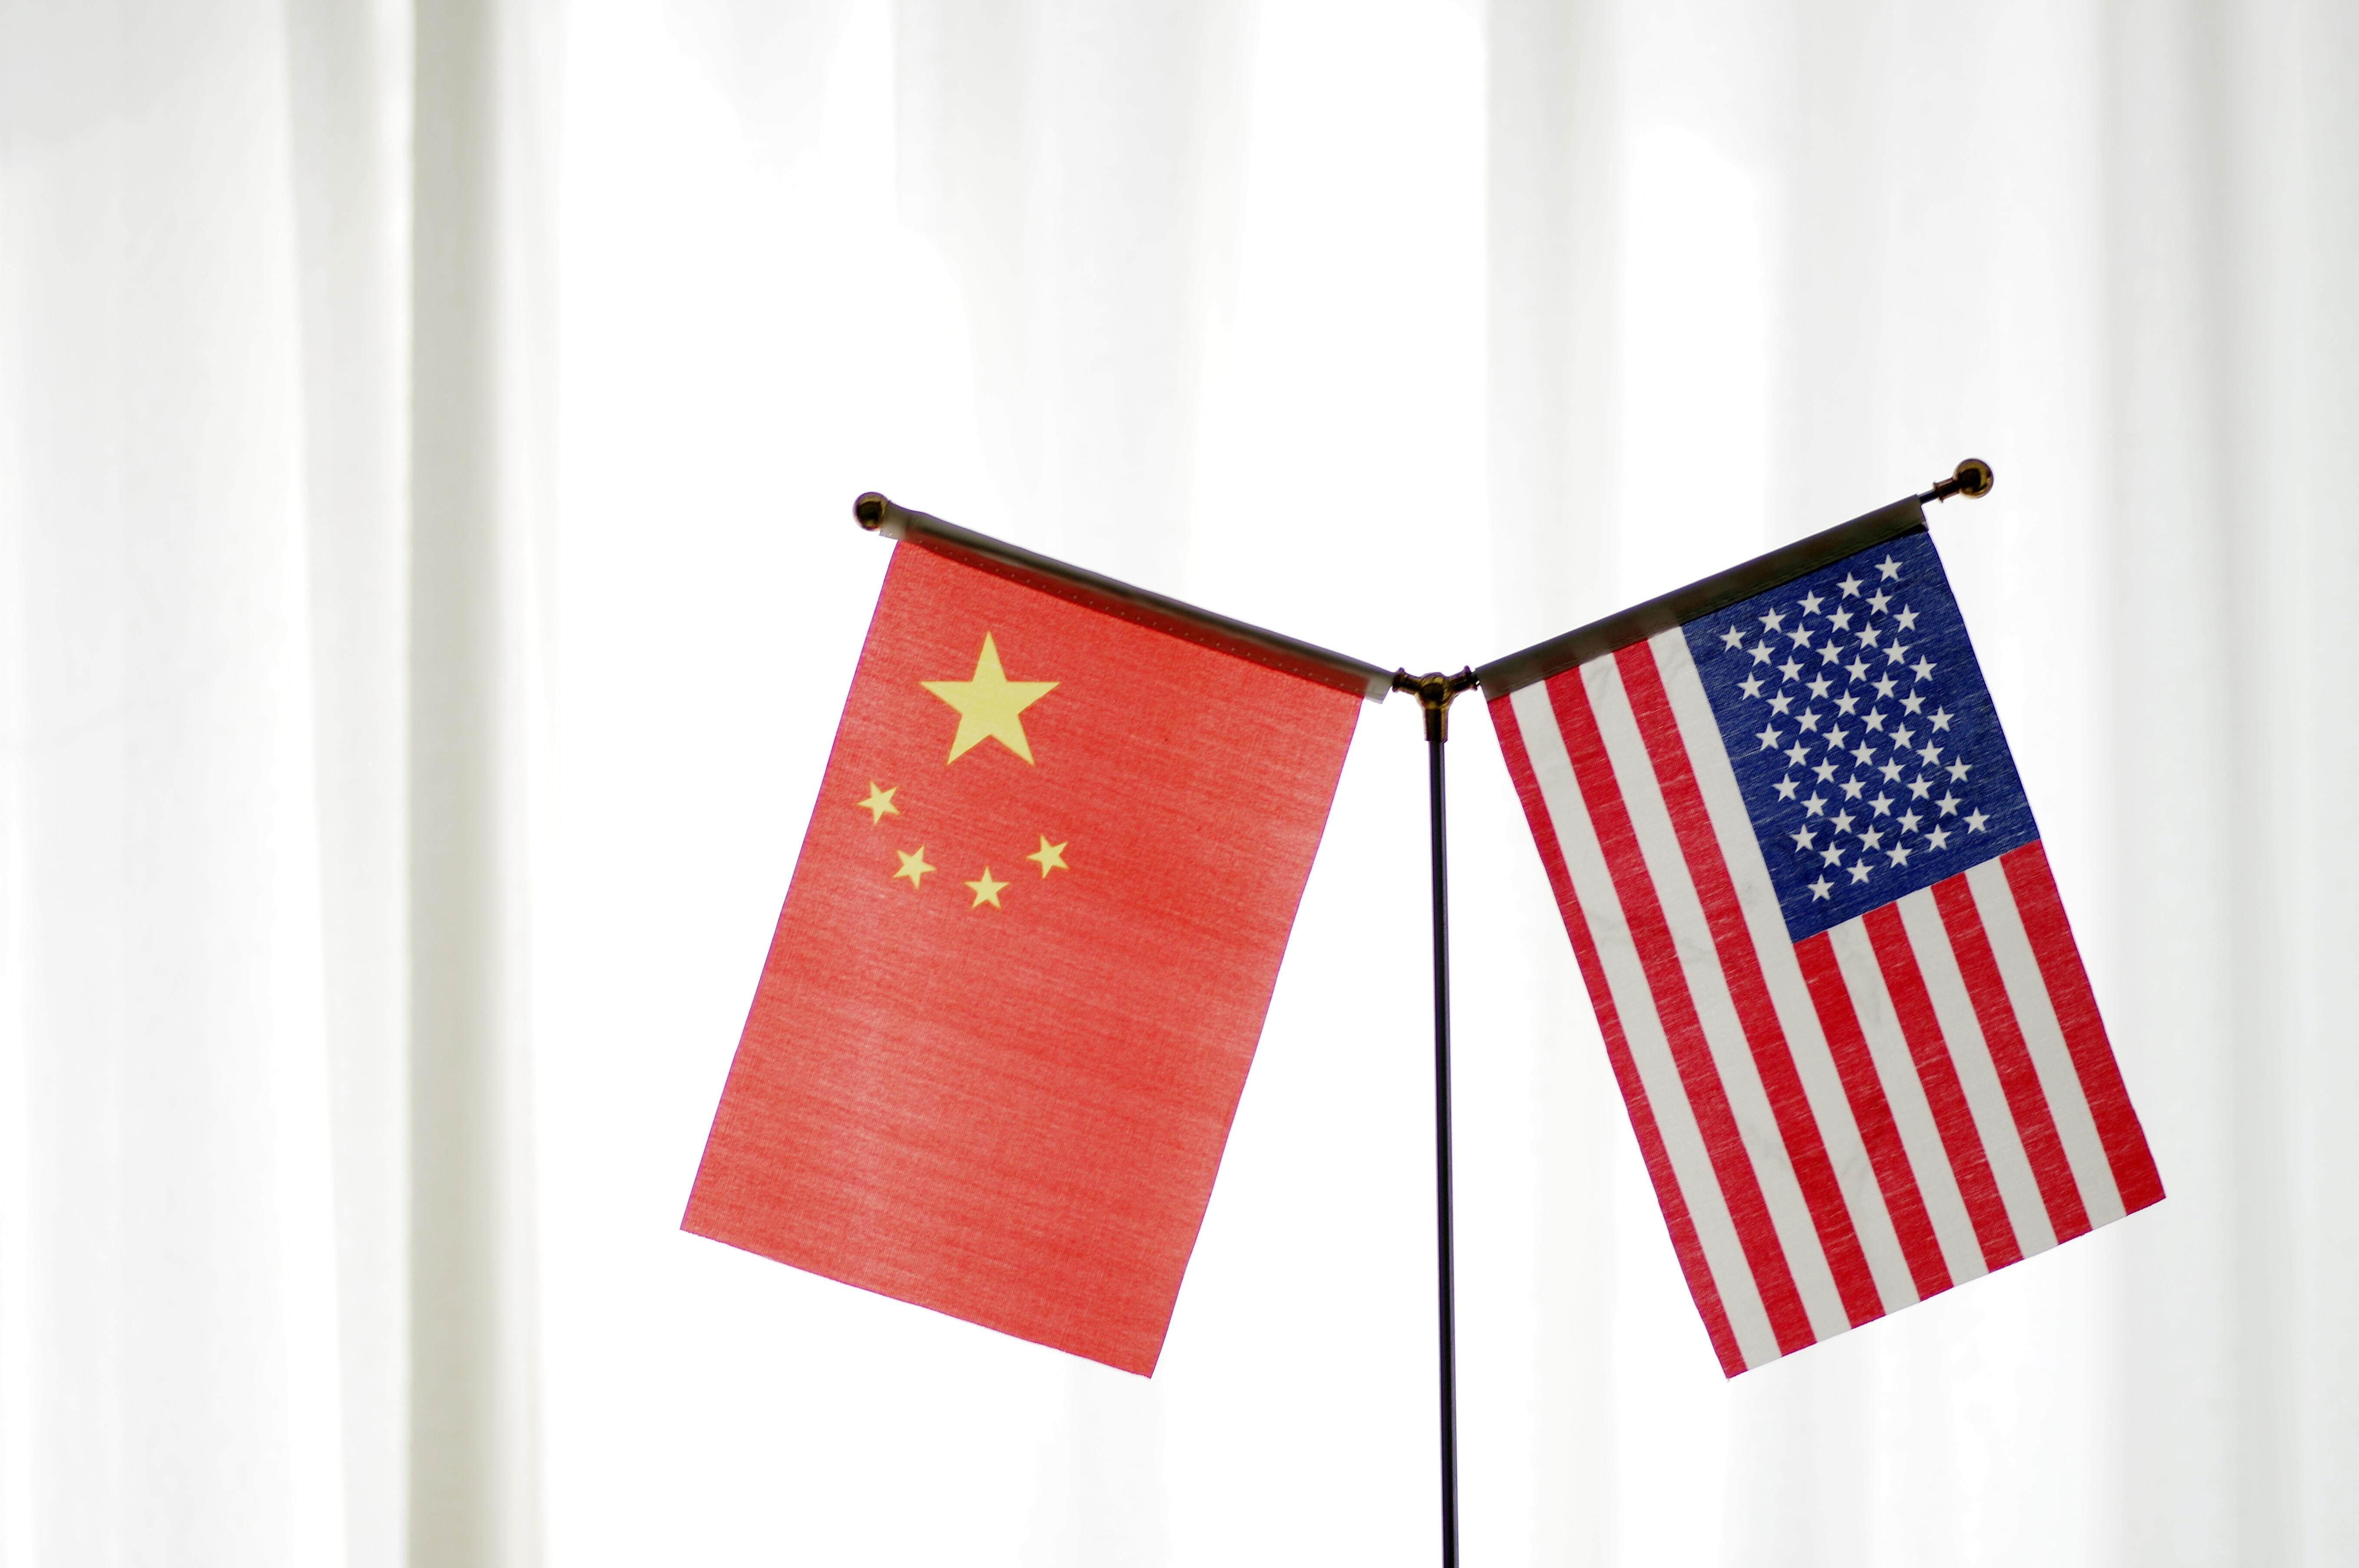 金十数据特朗普是否打算限制美国在中国市场的投资外交部回应